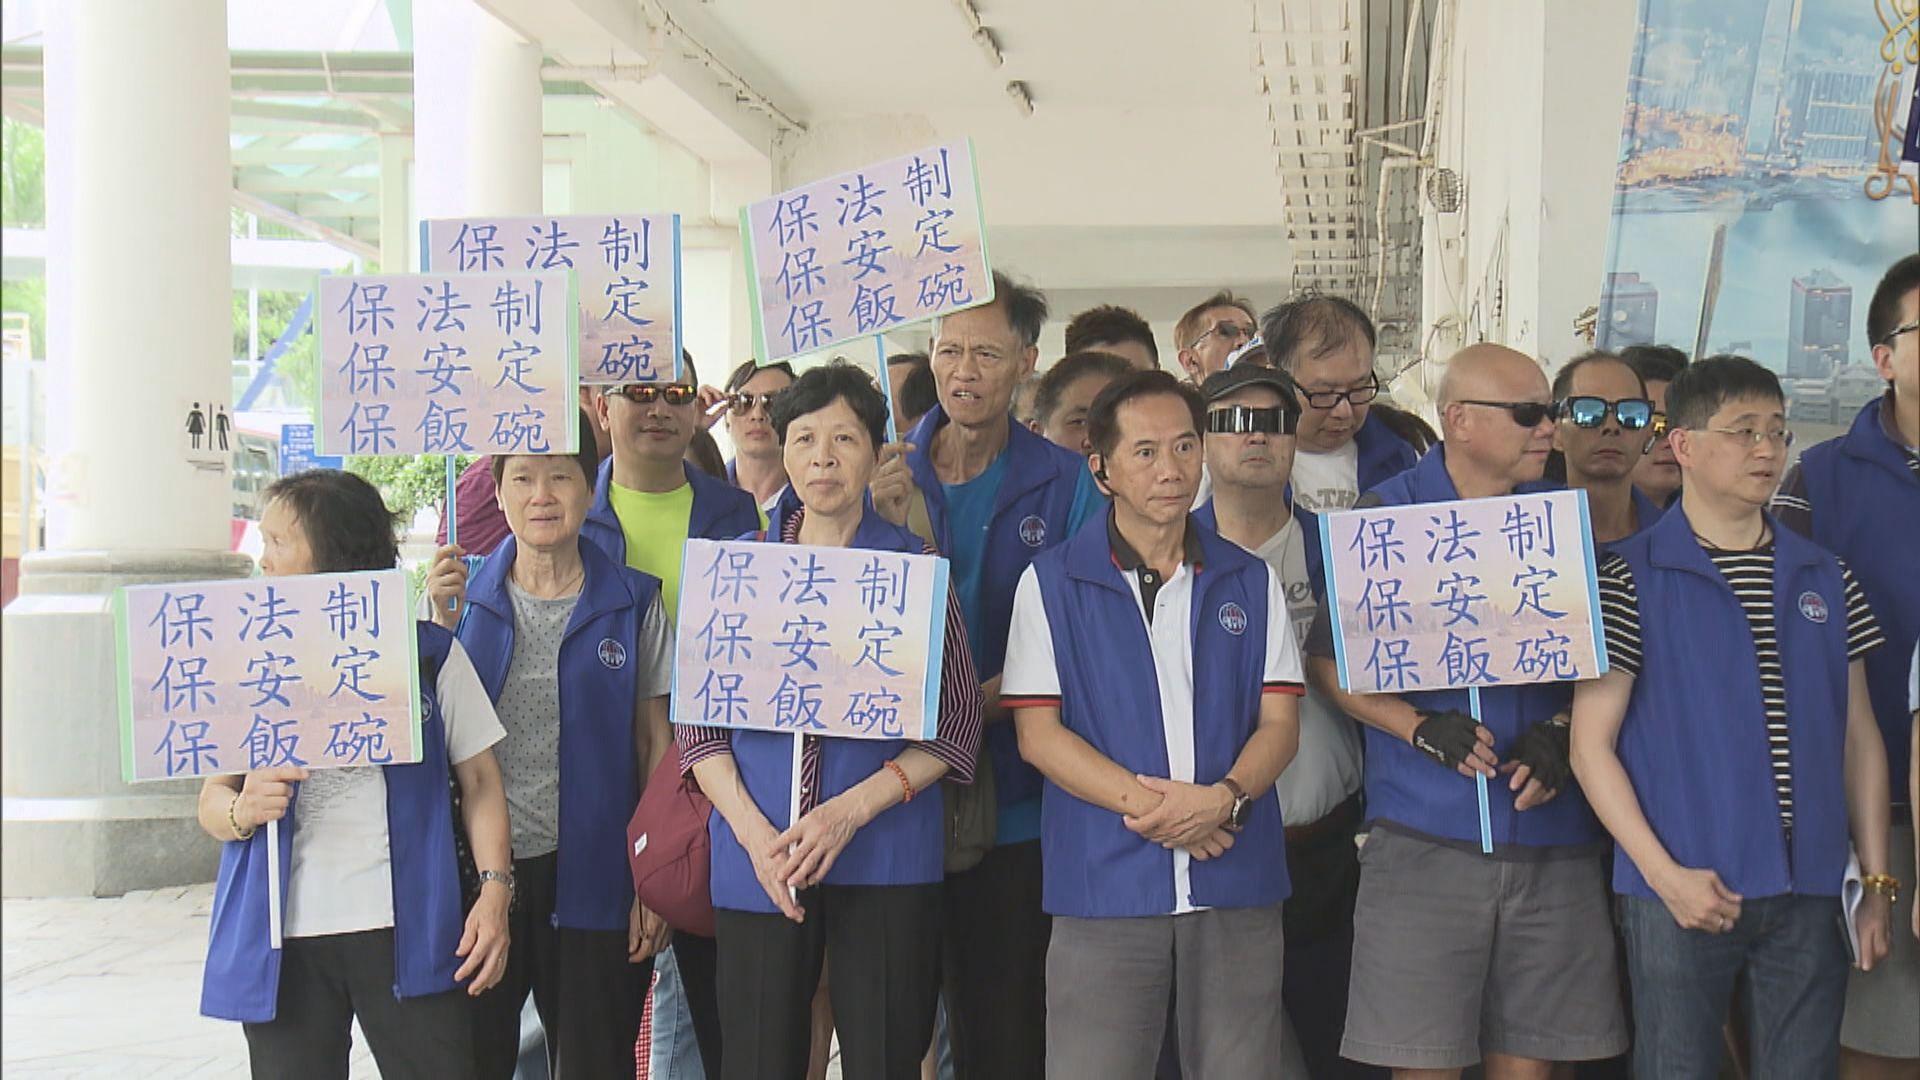 的士司機從業員總會集會抗議示威影響生計